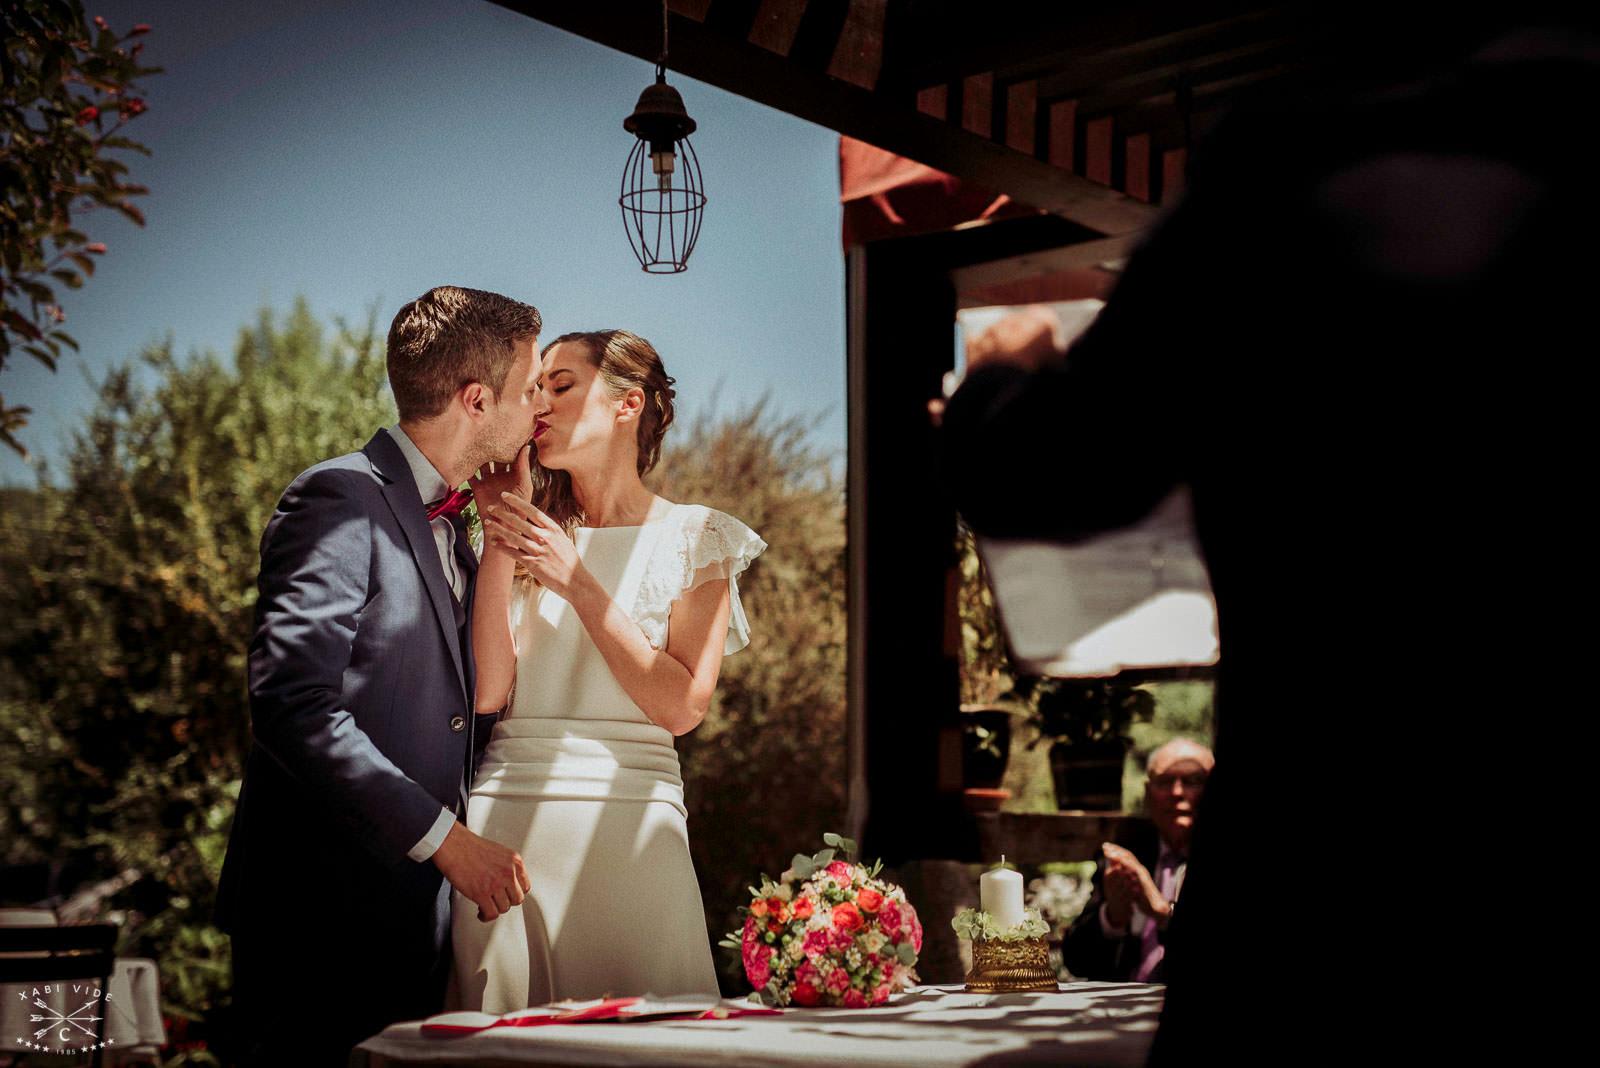 fotografo de bodas en bilbao-131